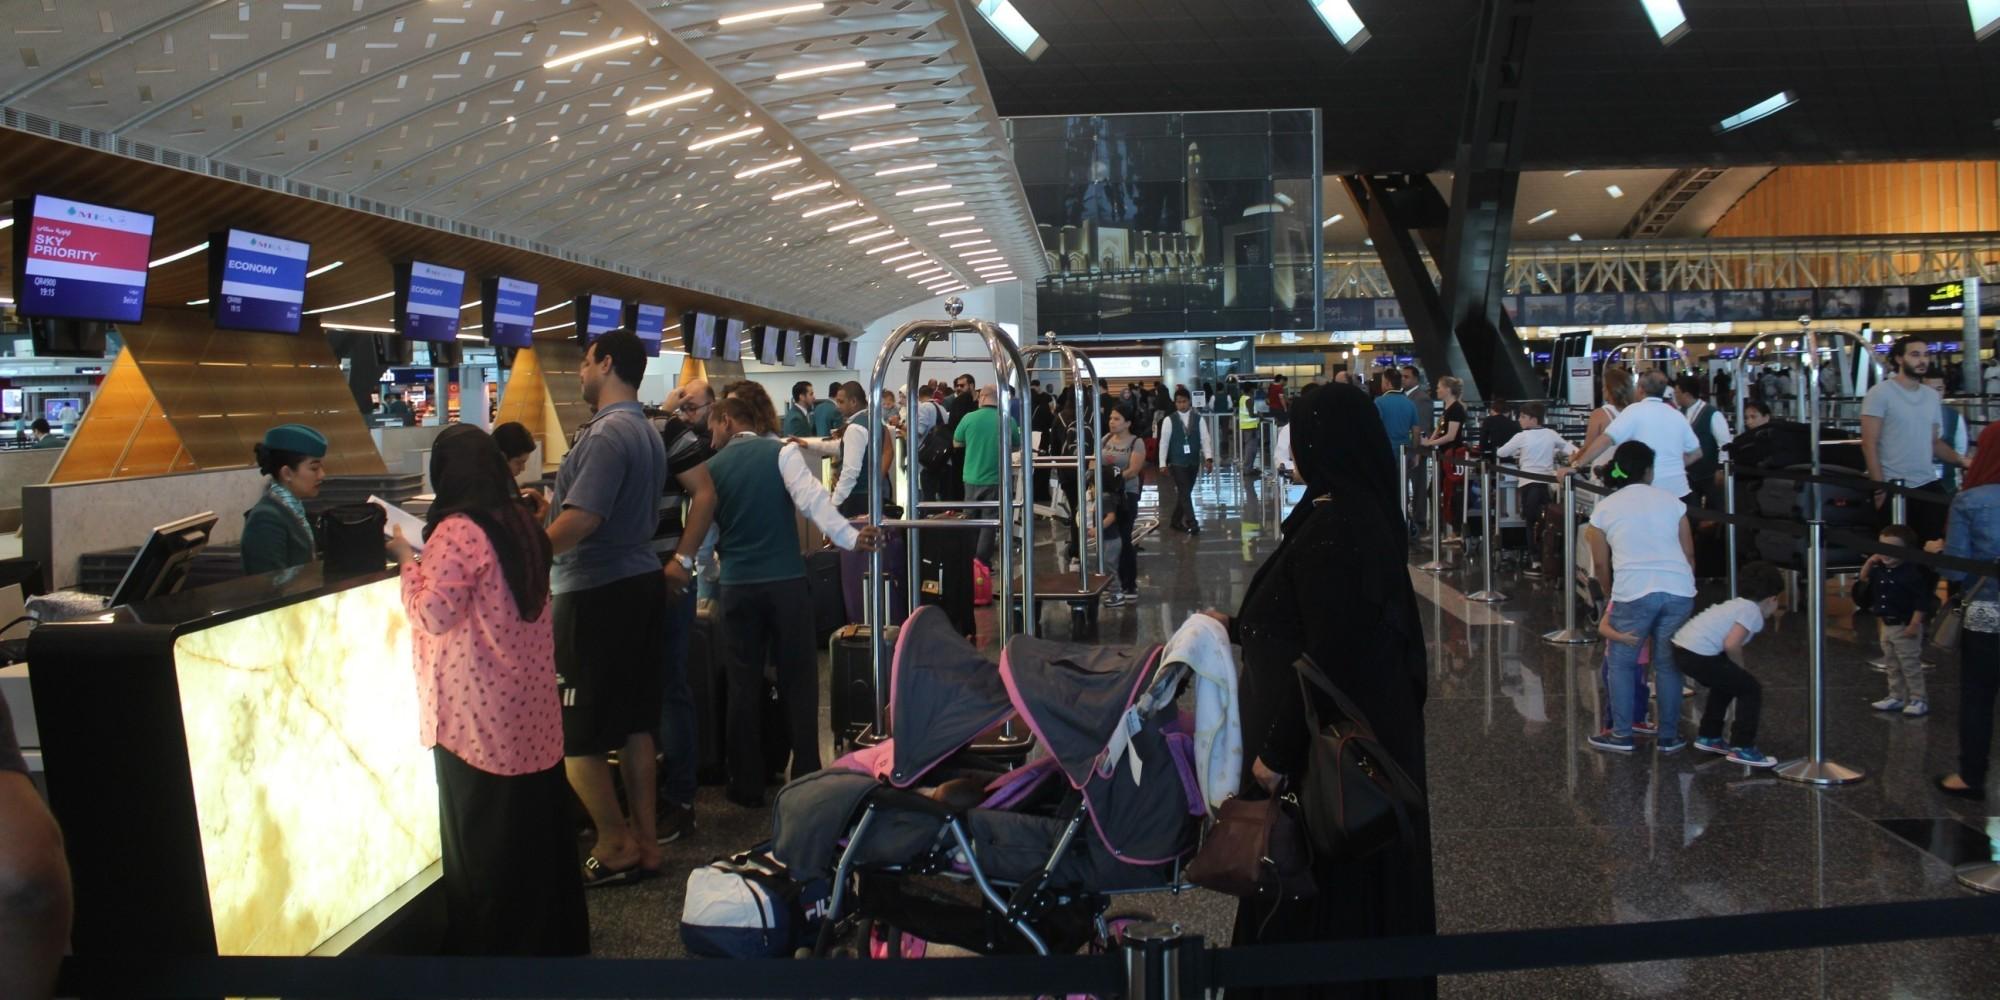 بعد صور أظهرت خلوه من المسافرين.. بالفيديو والأرقام هكذا يبدو مطار حمد الدولي بعد الحصار